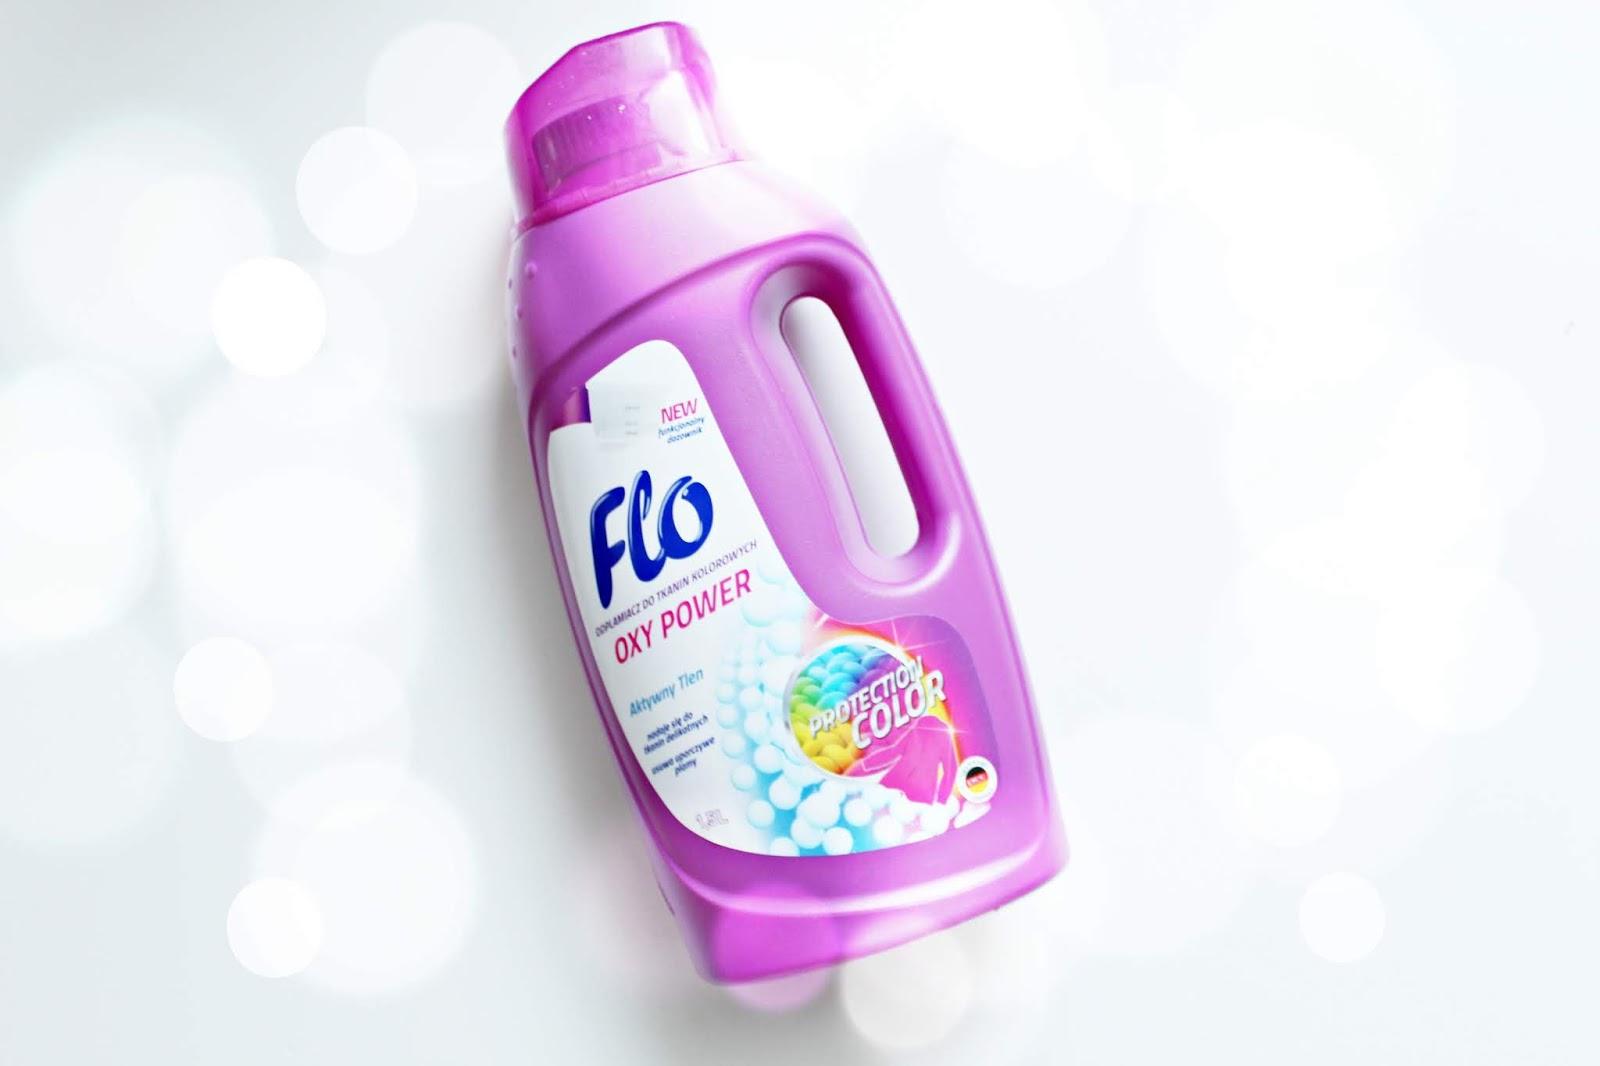 odplamiacz do tkanin kolorowych - FLO Oxy Power